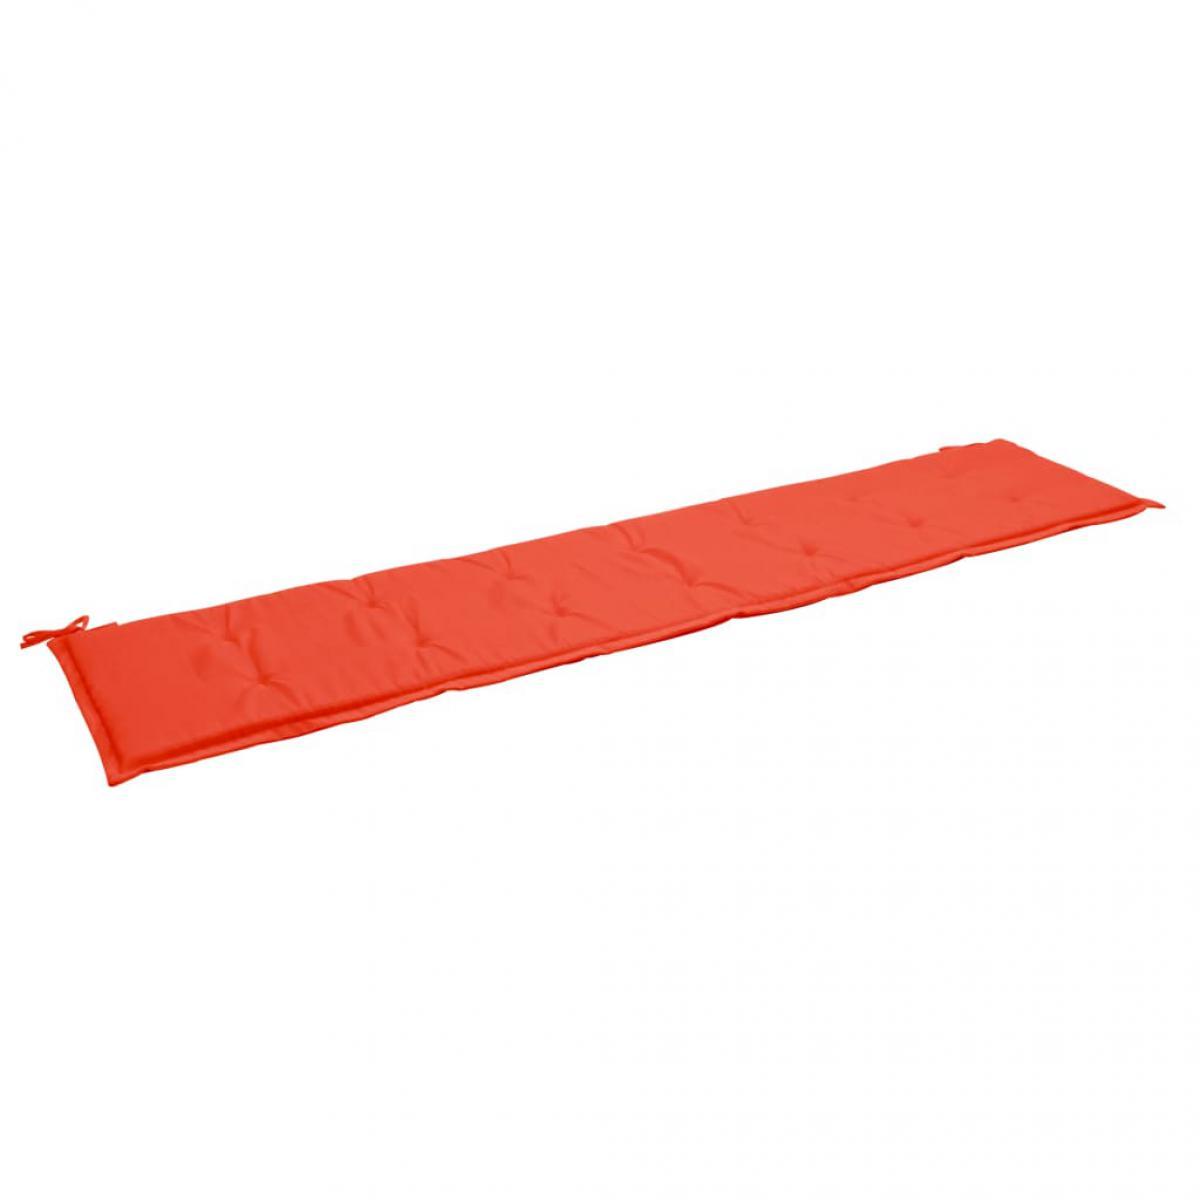 Decoshop26 Coussin de banc de jardin résistant à l'eau 200 x 50 x 3 cm 100 % polyester rouge DEC021738